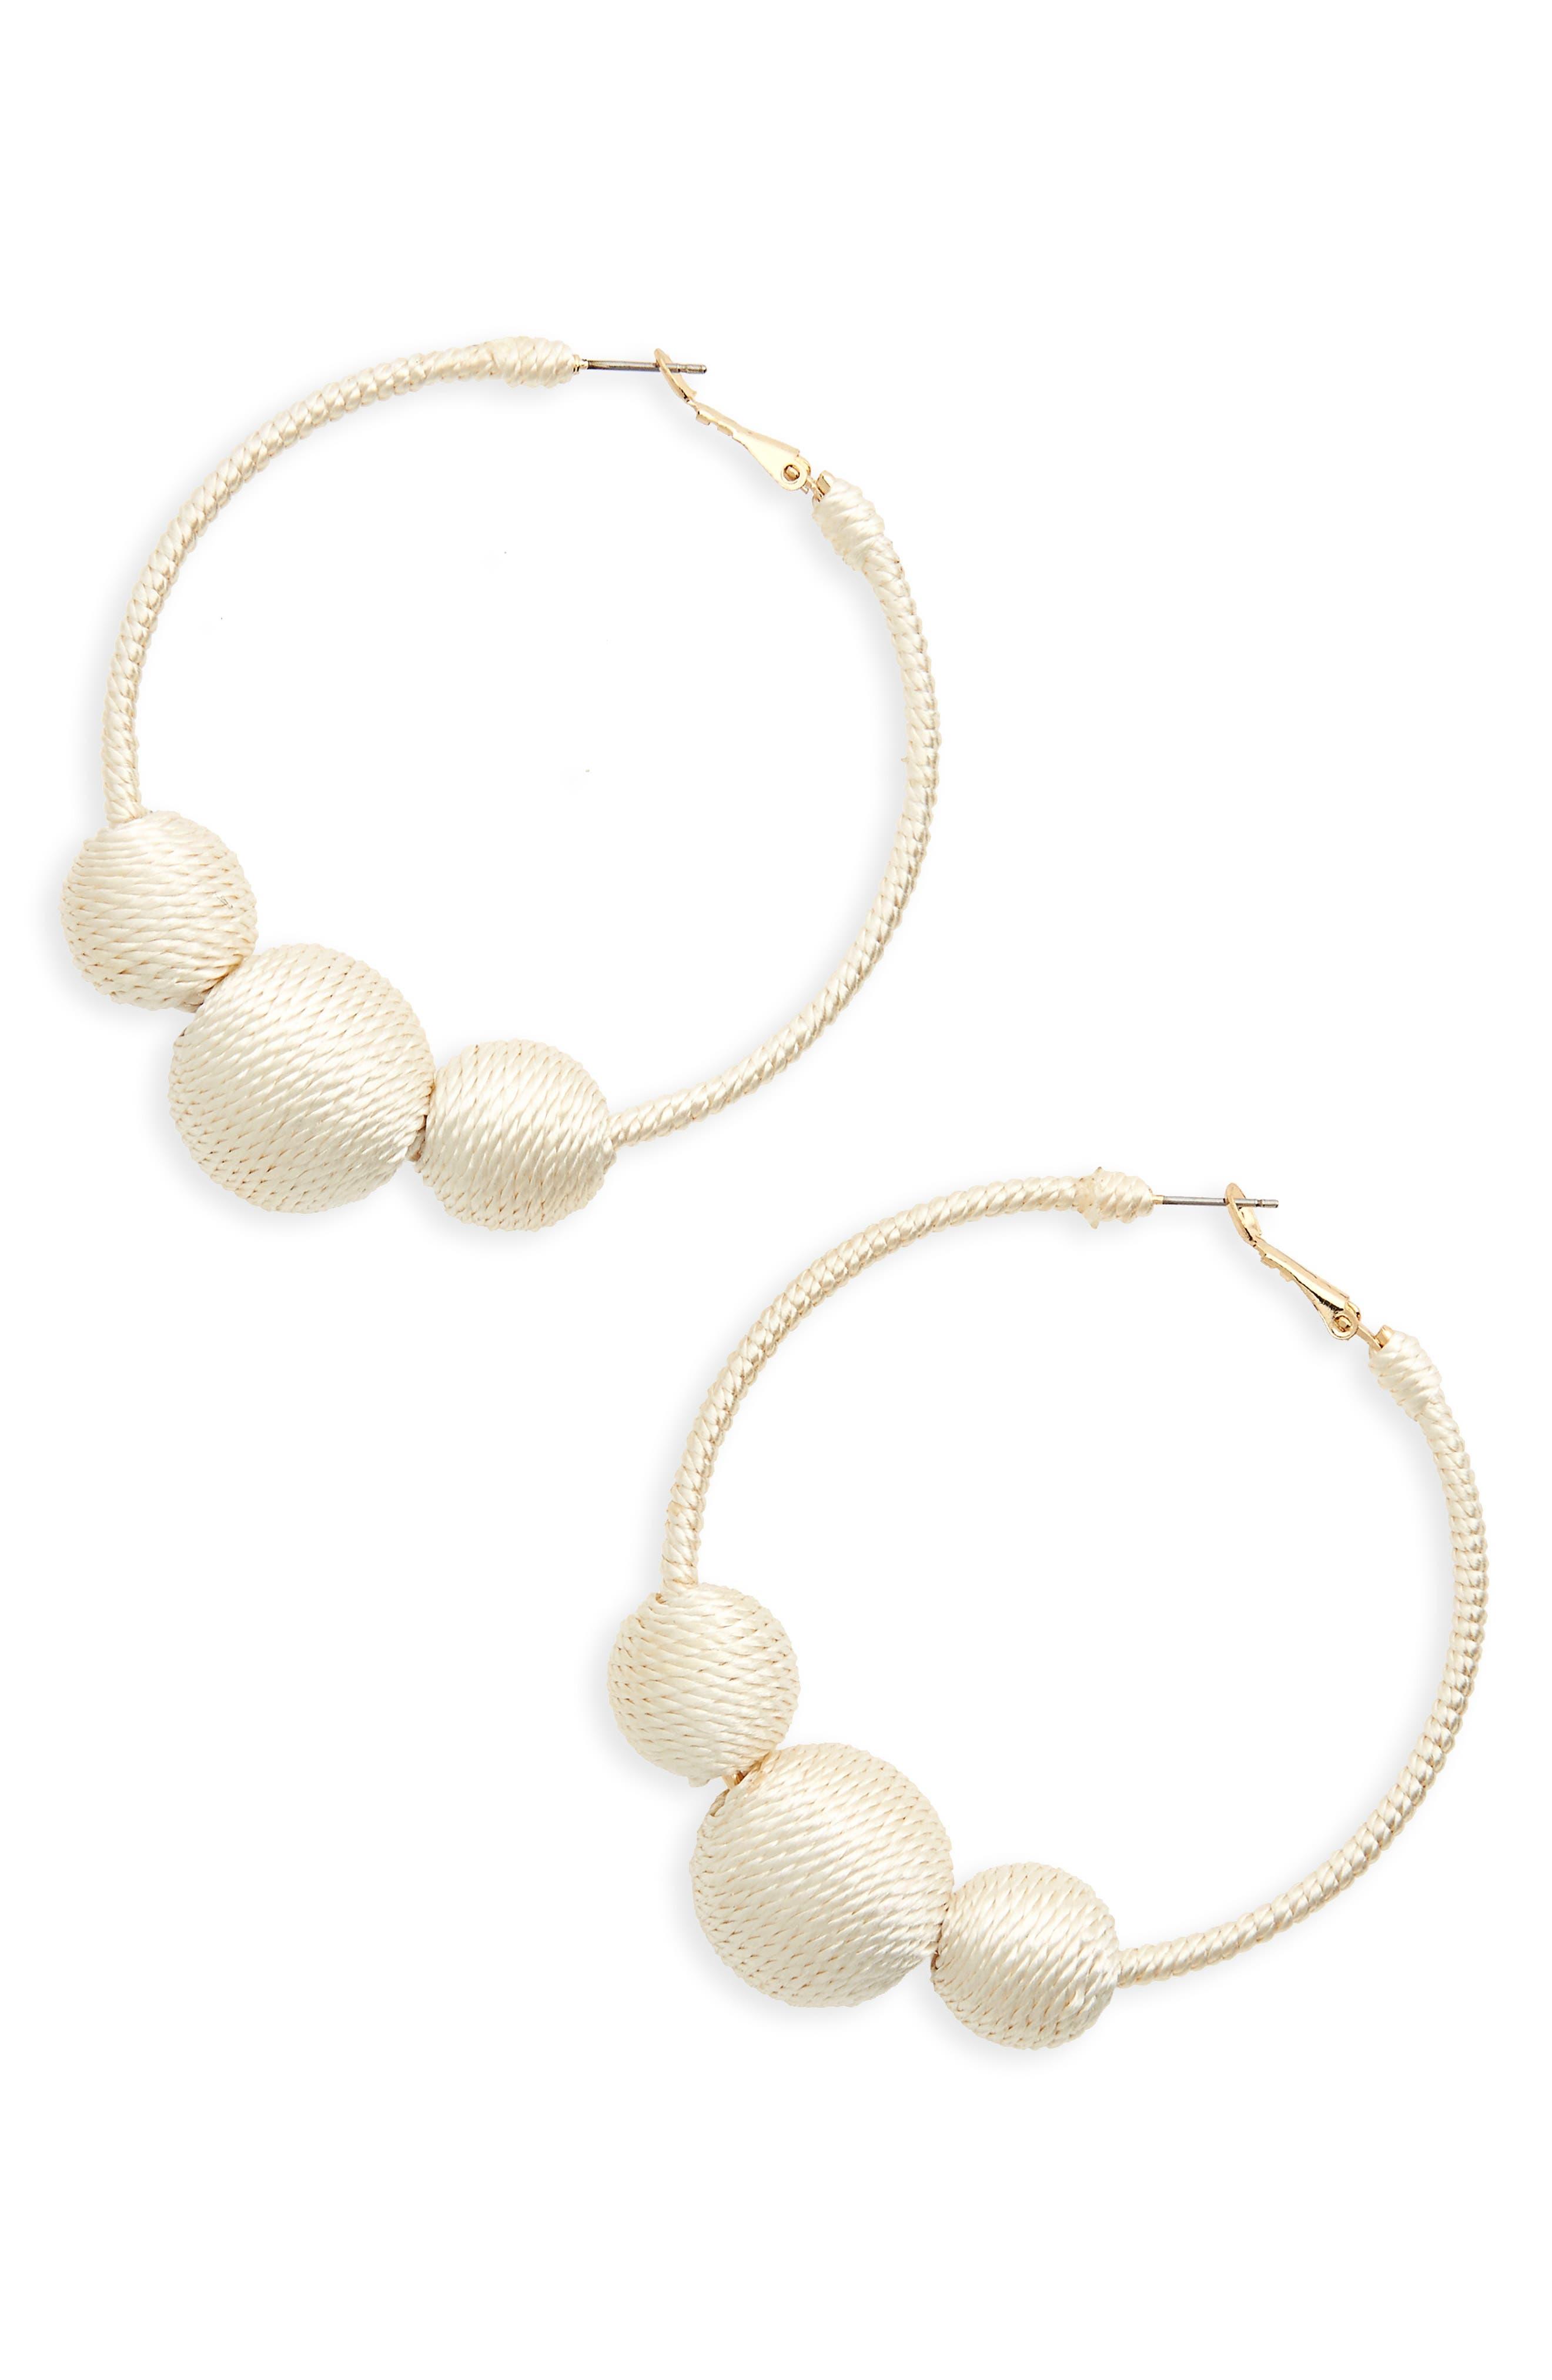 Alternate Image 1 Selected - BP. Wrapped Ball Hoop Earrings